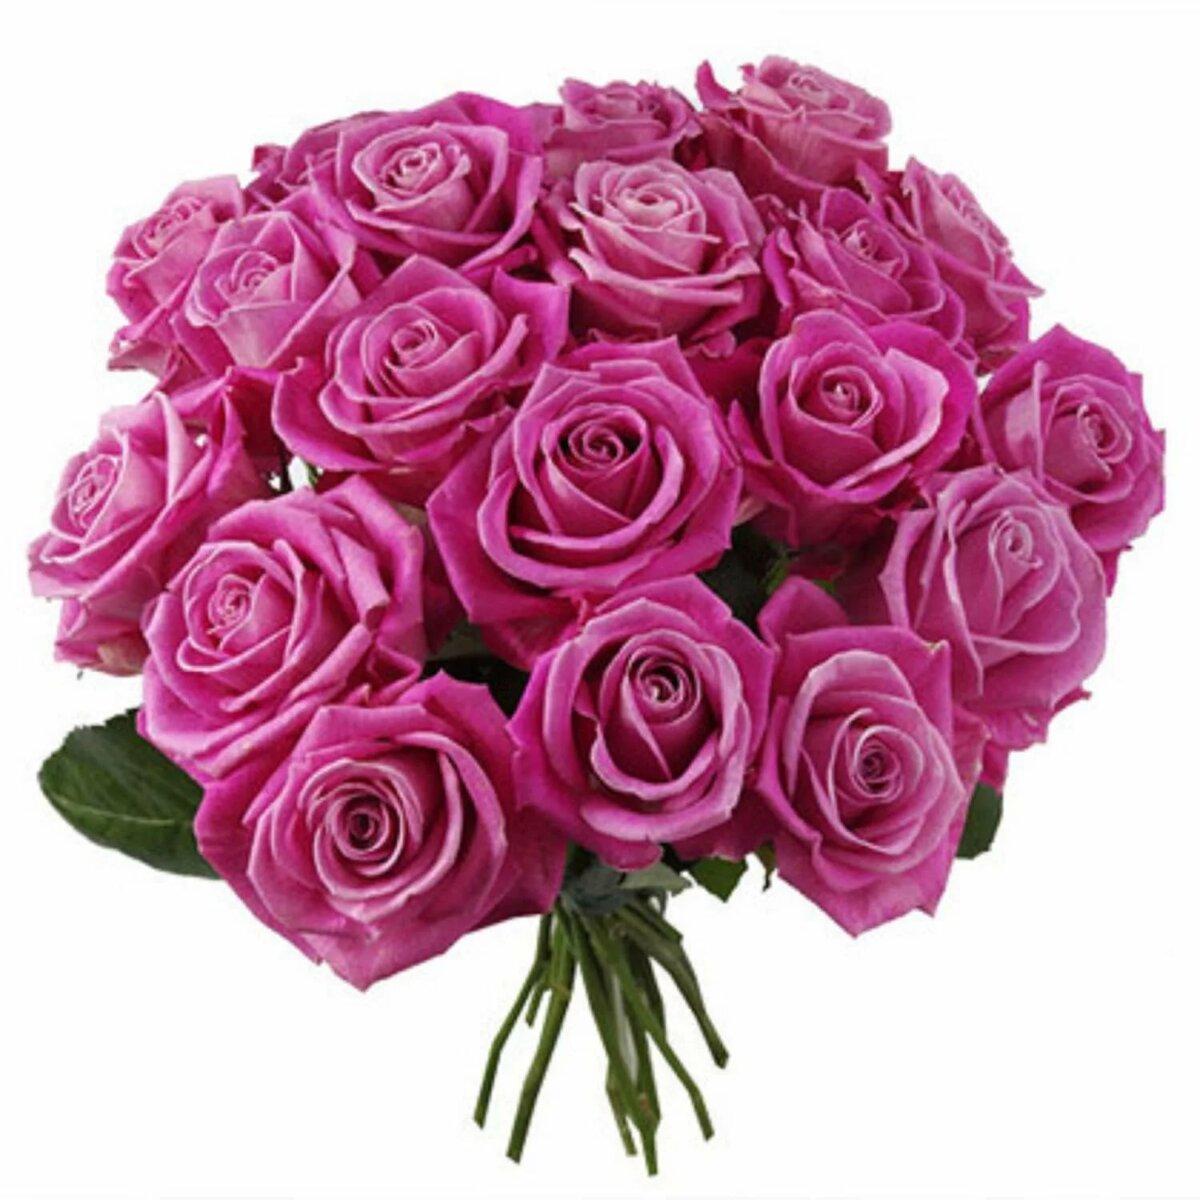 Букет роз гифы картинки, для поздравления